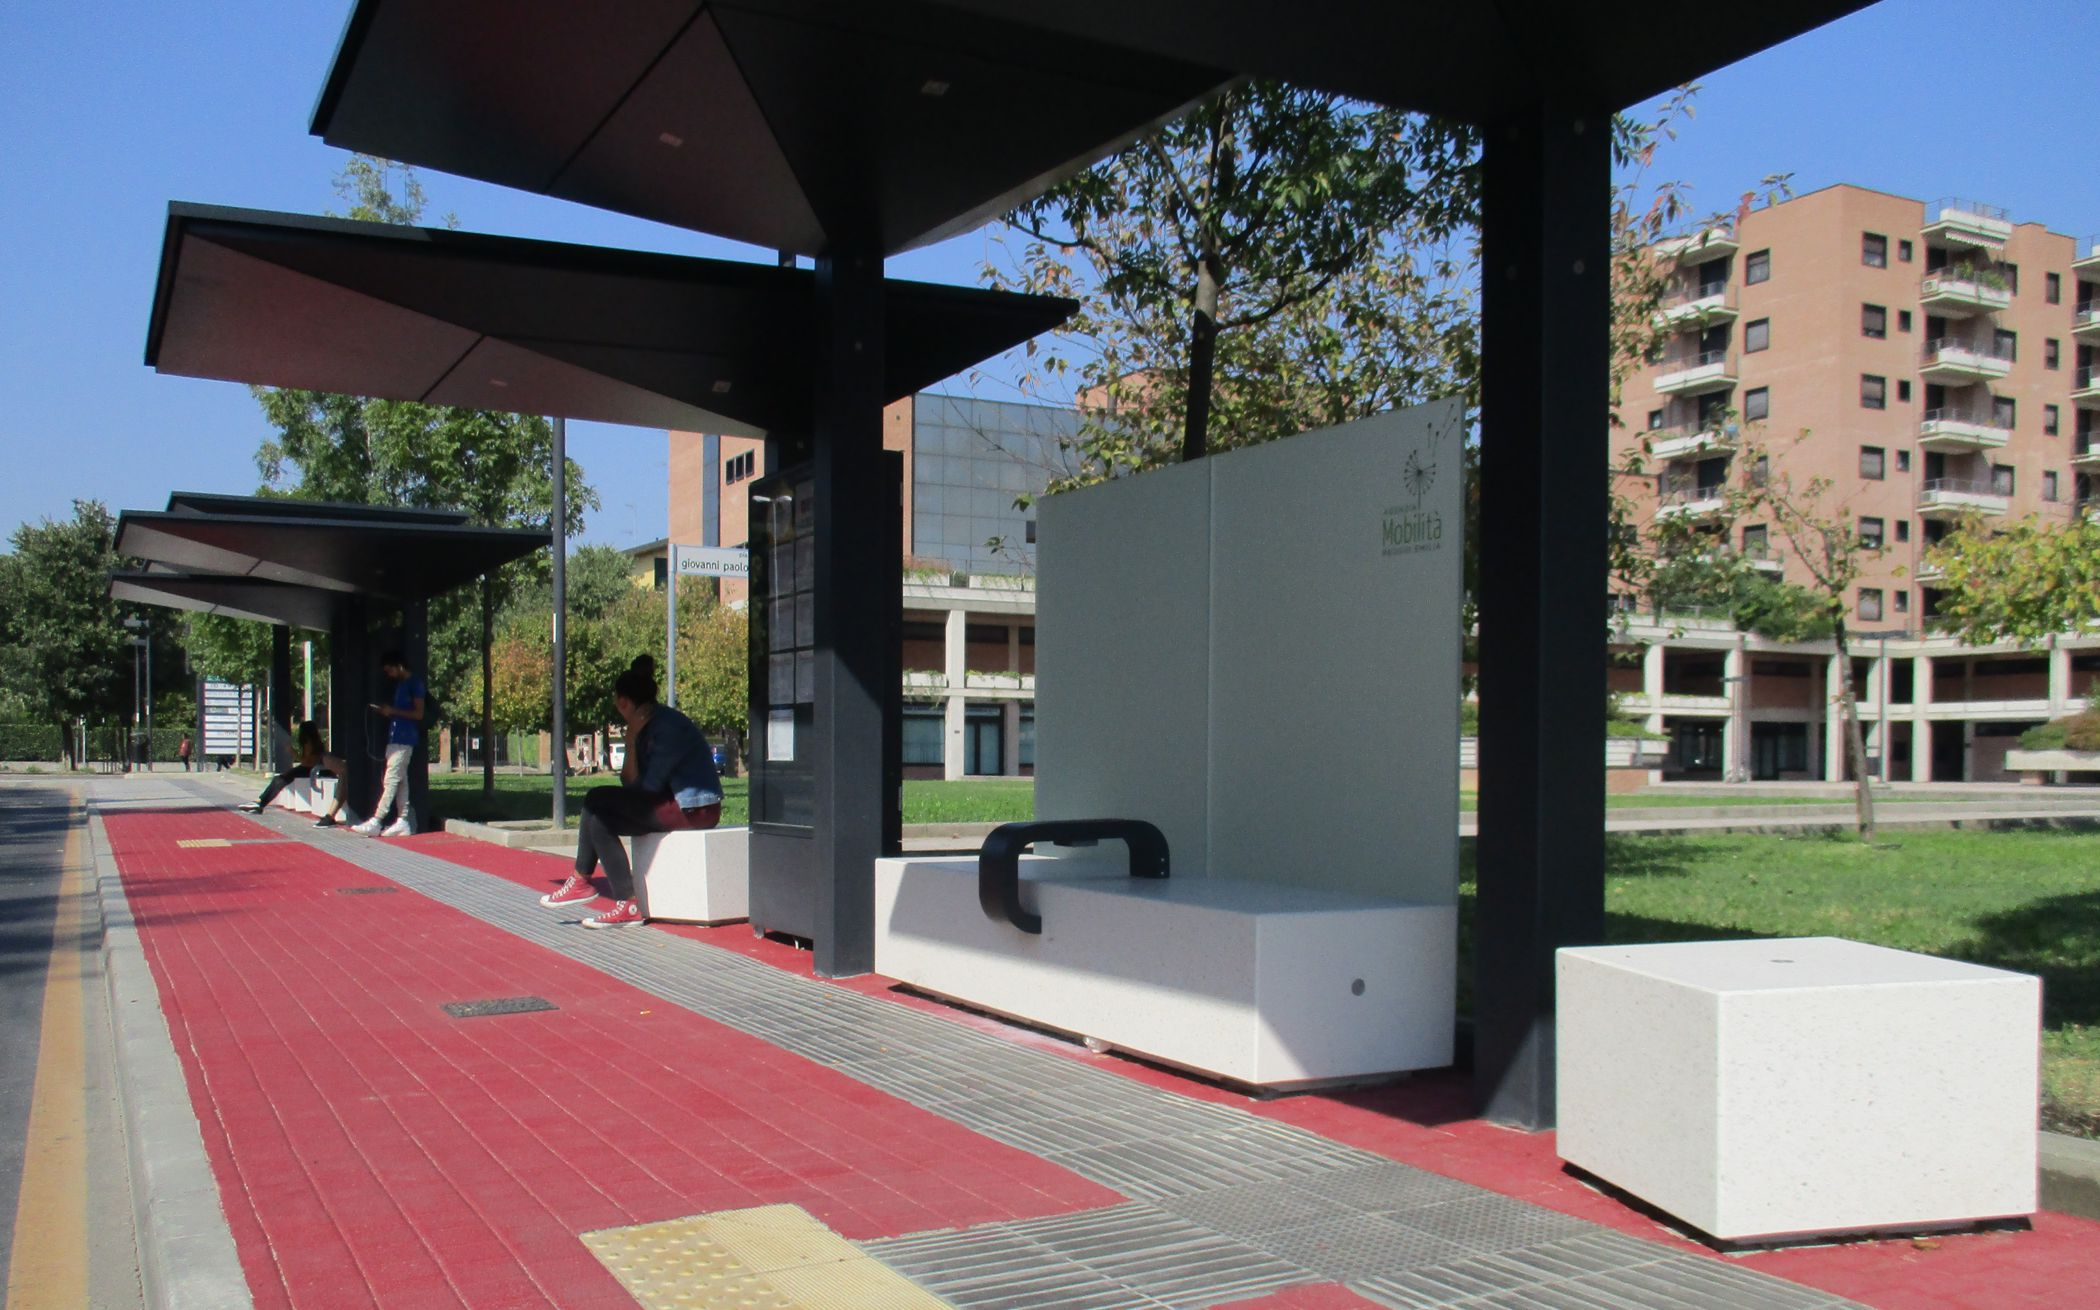 by Laboratorio Architettura Architetti Ass. Rinaldi - Casarini